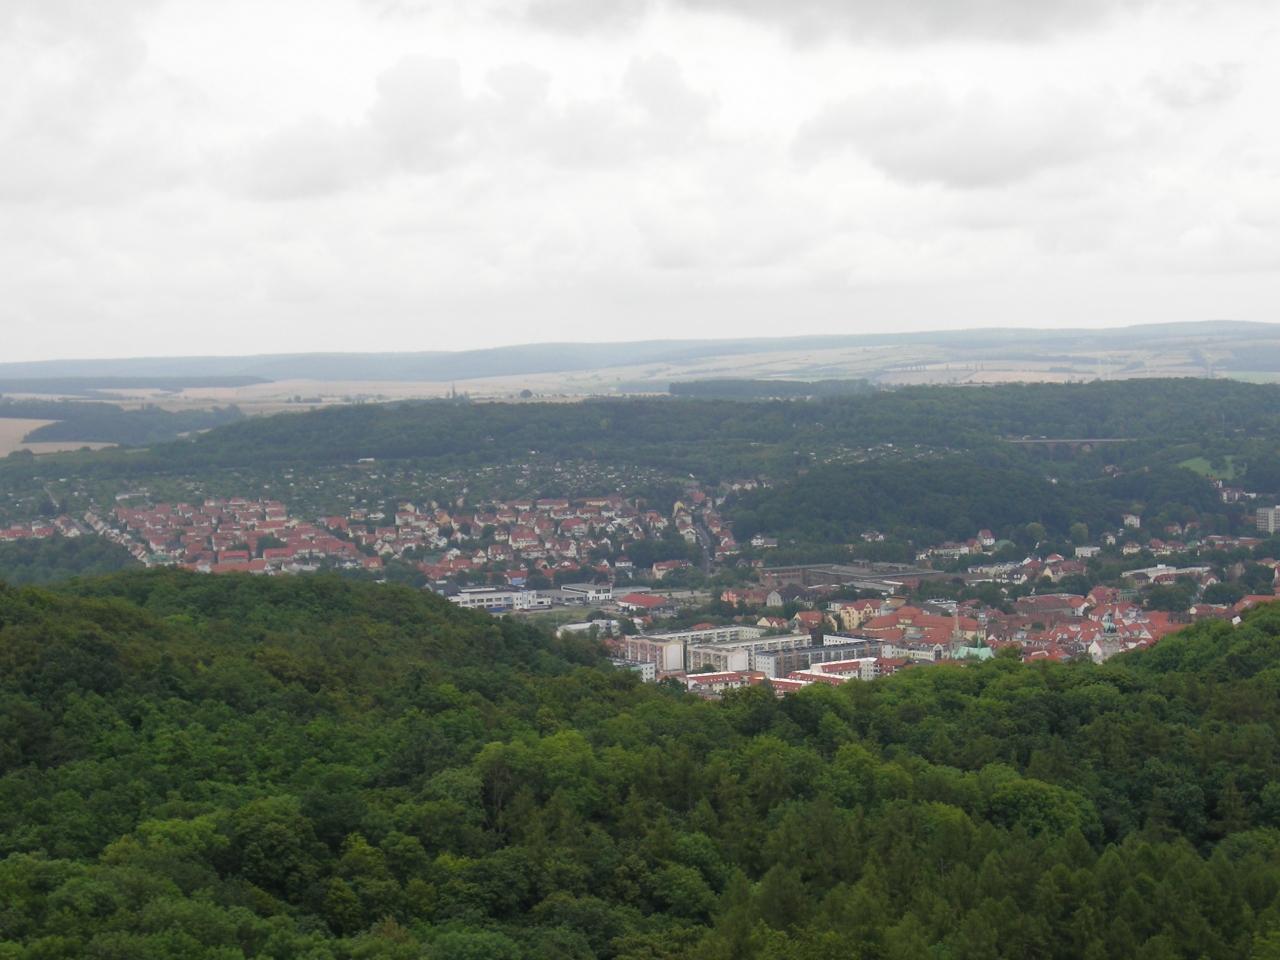 ヴァルトブルク城の画像 p1_16